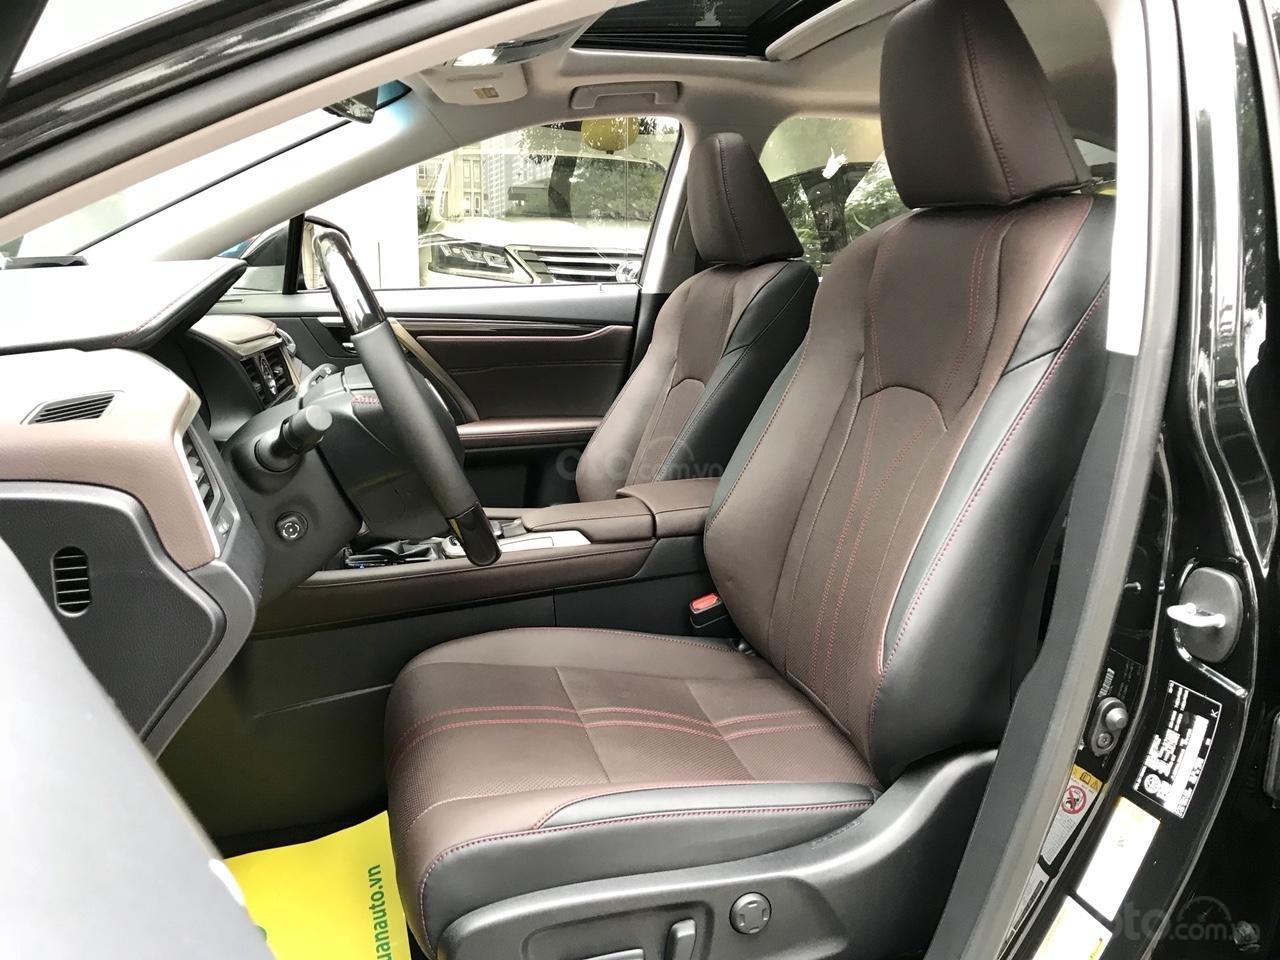 Bán Lexus RX 350L 6 chỗ đời 2019, xe nhập Mỹ, giá tốt, giao ngay, LH 094.539.2468 Ms Hương (15)